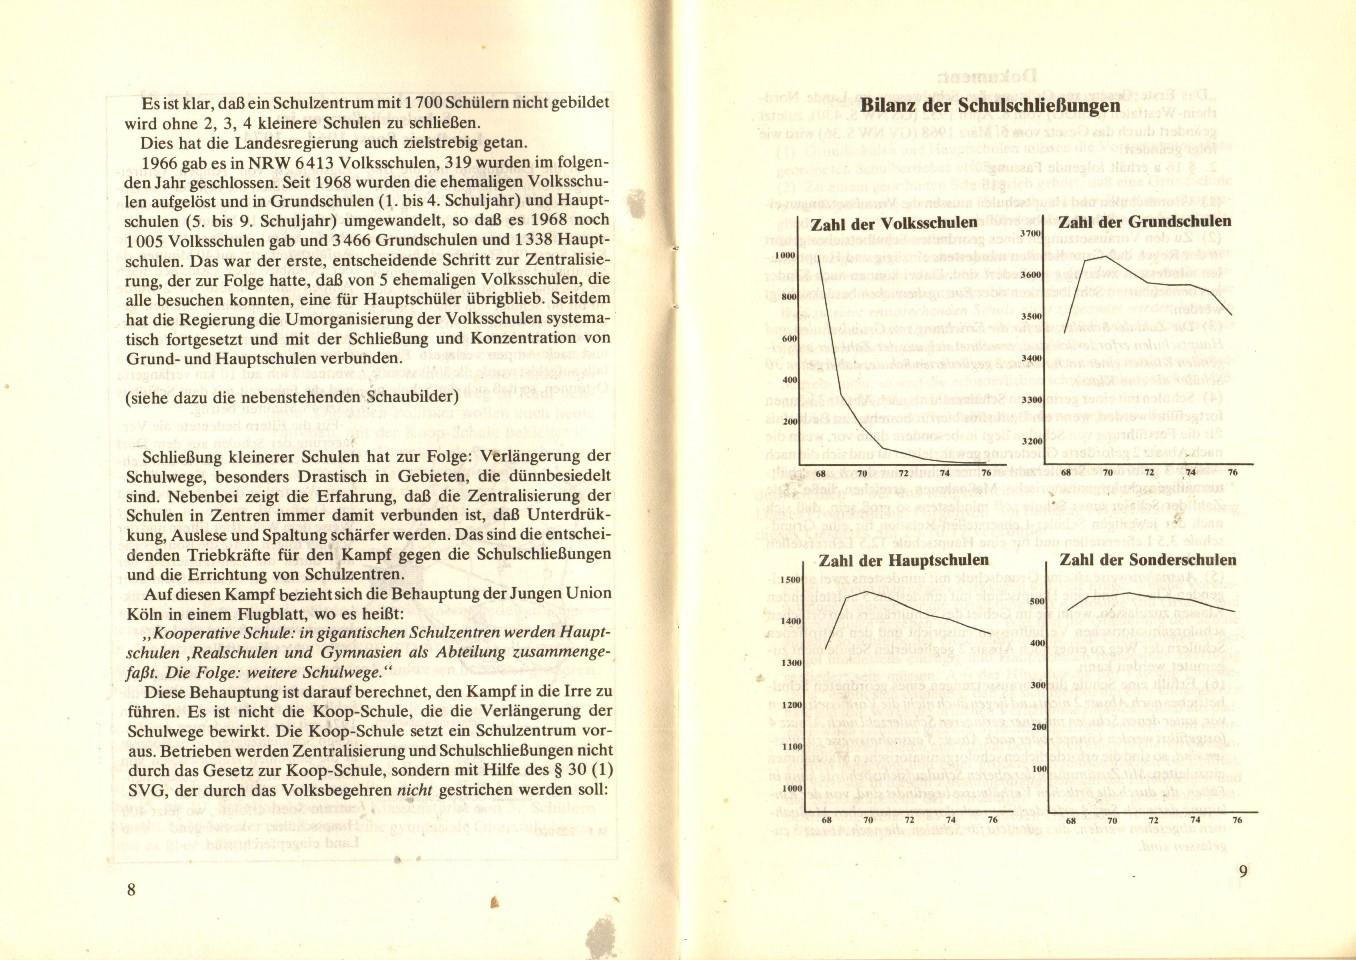 NRW_KBW_1978_SPD_Schulgesetze_06